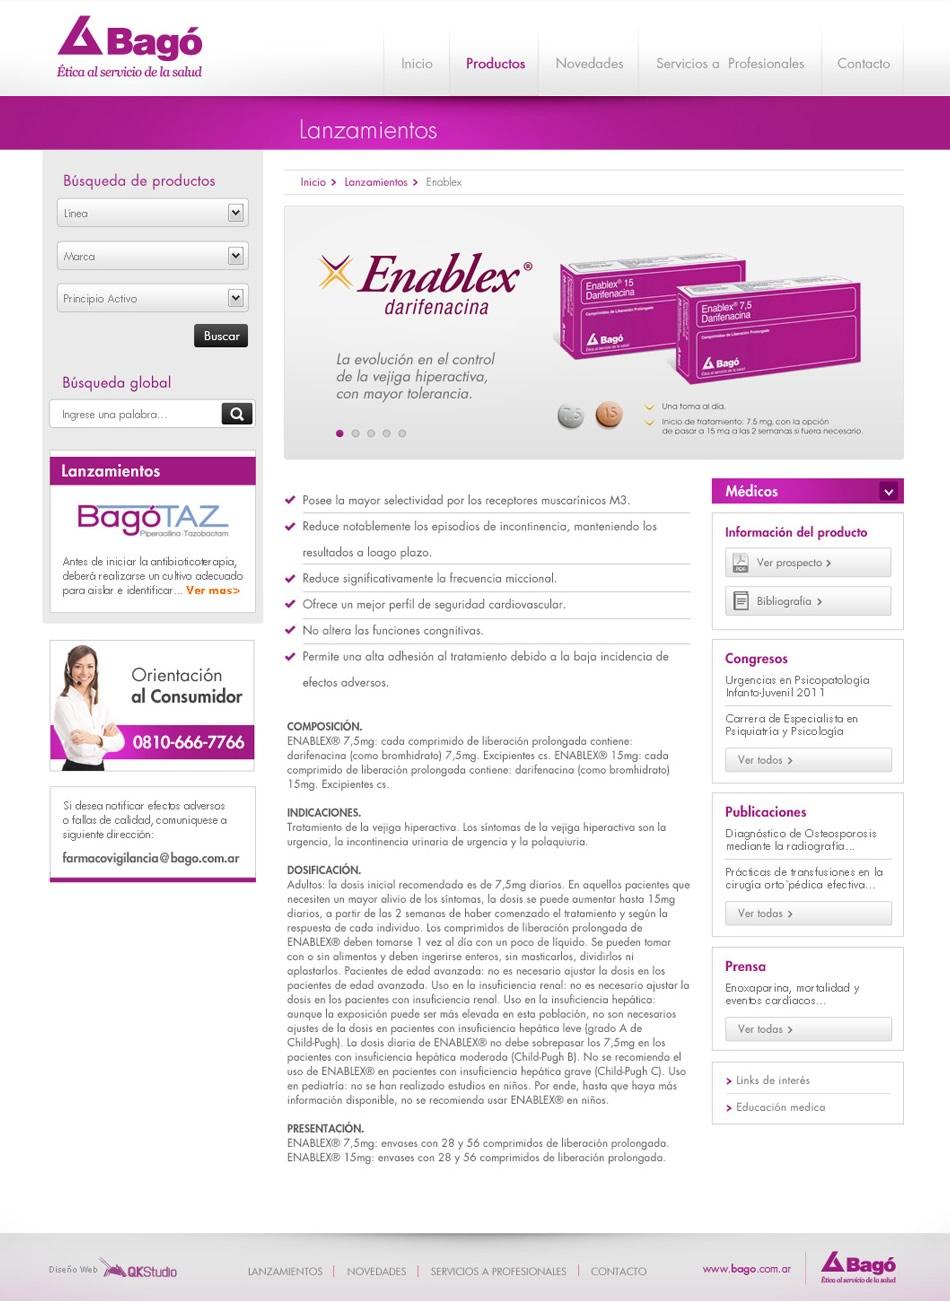 Laboratorios Bagó WebSite Productos Éticos QKStudio